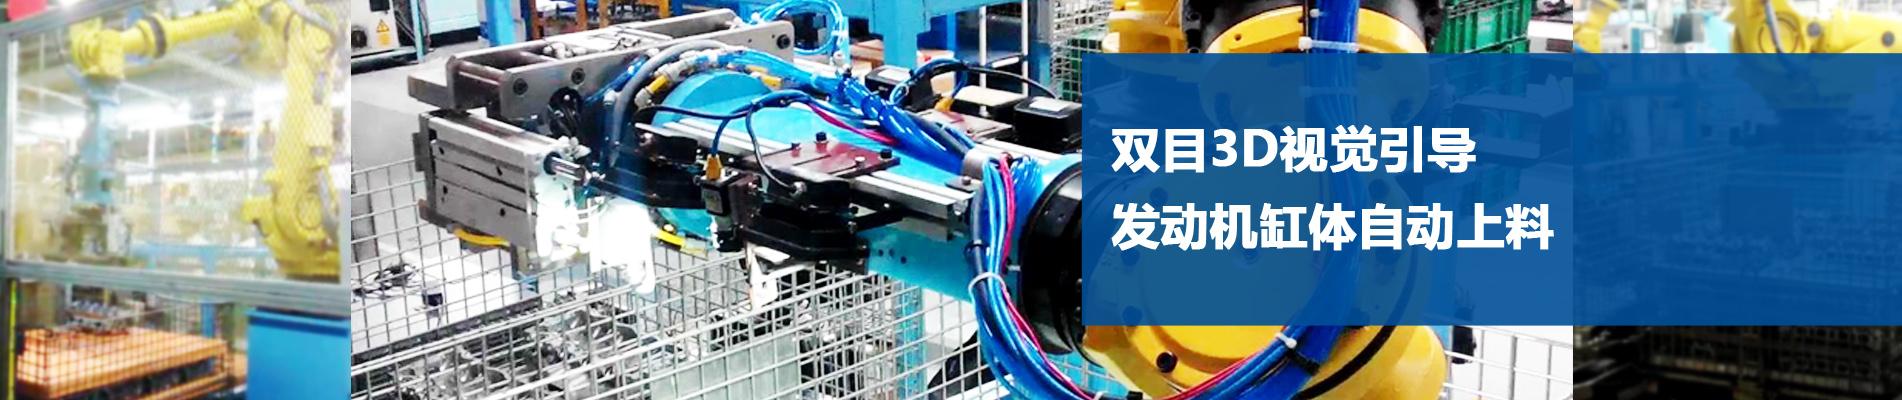 双目3D视觉引导发动机缸体自动上料系统